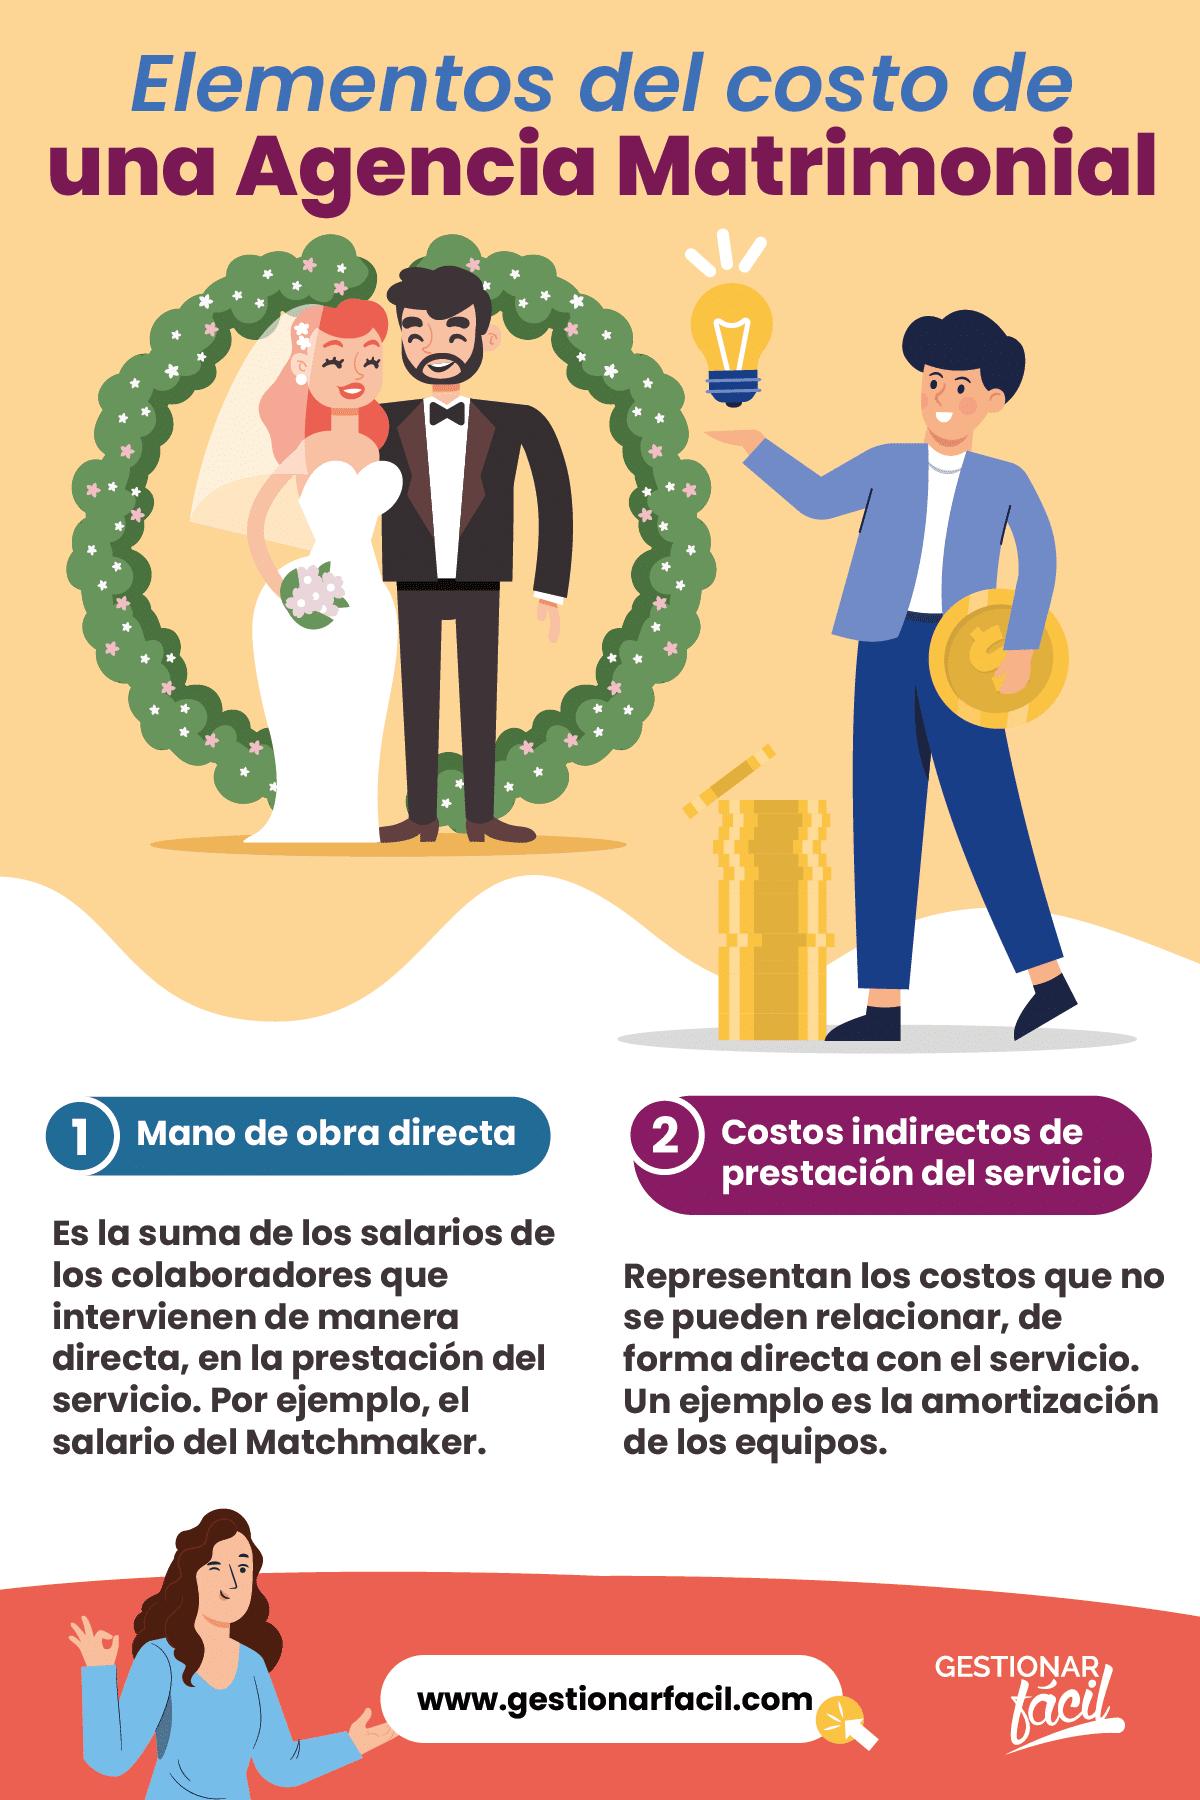 Elementos del costo de una Agencia Matrimonial.